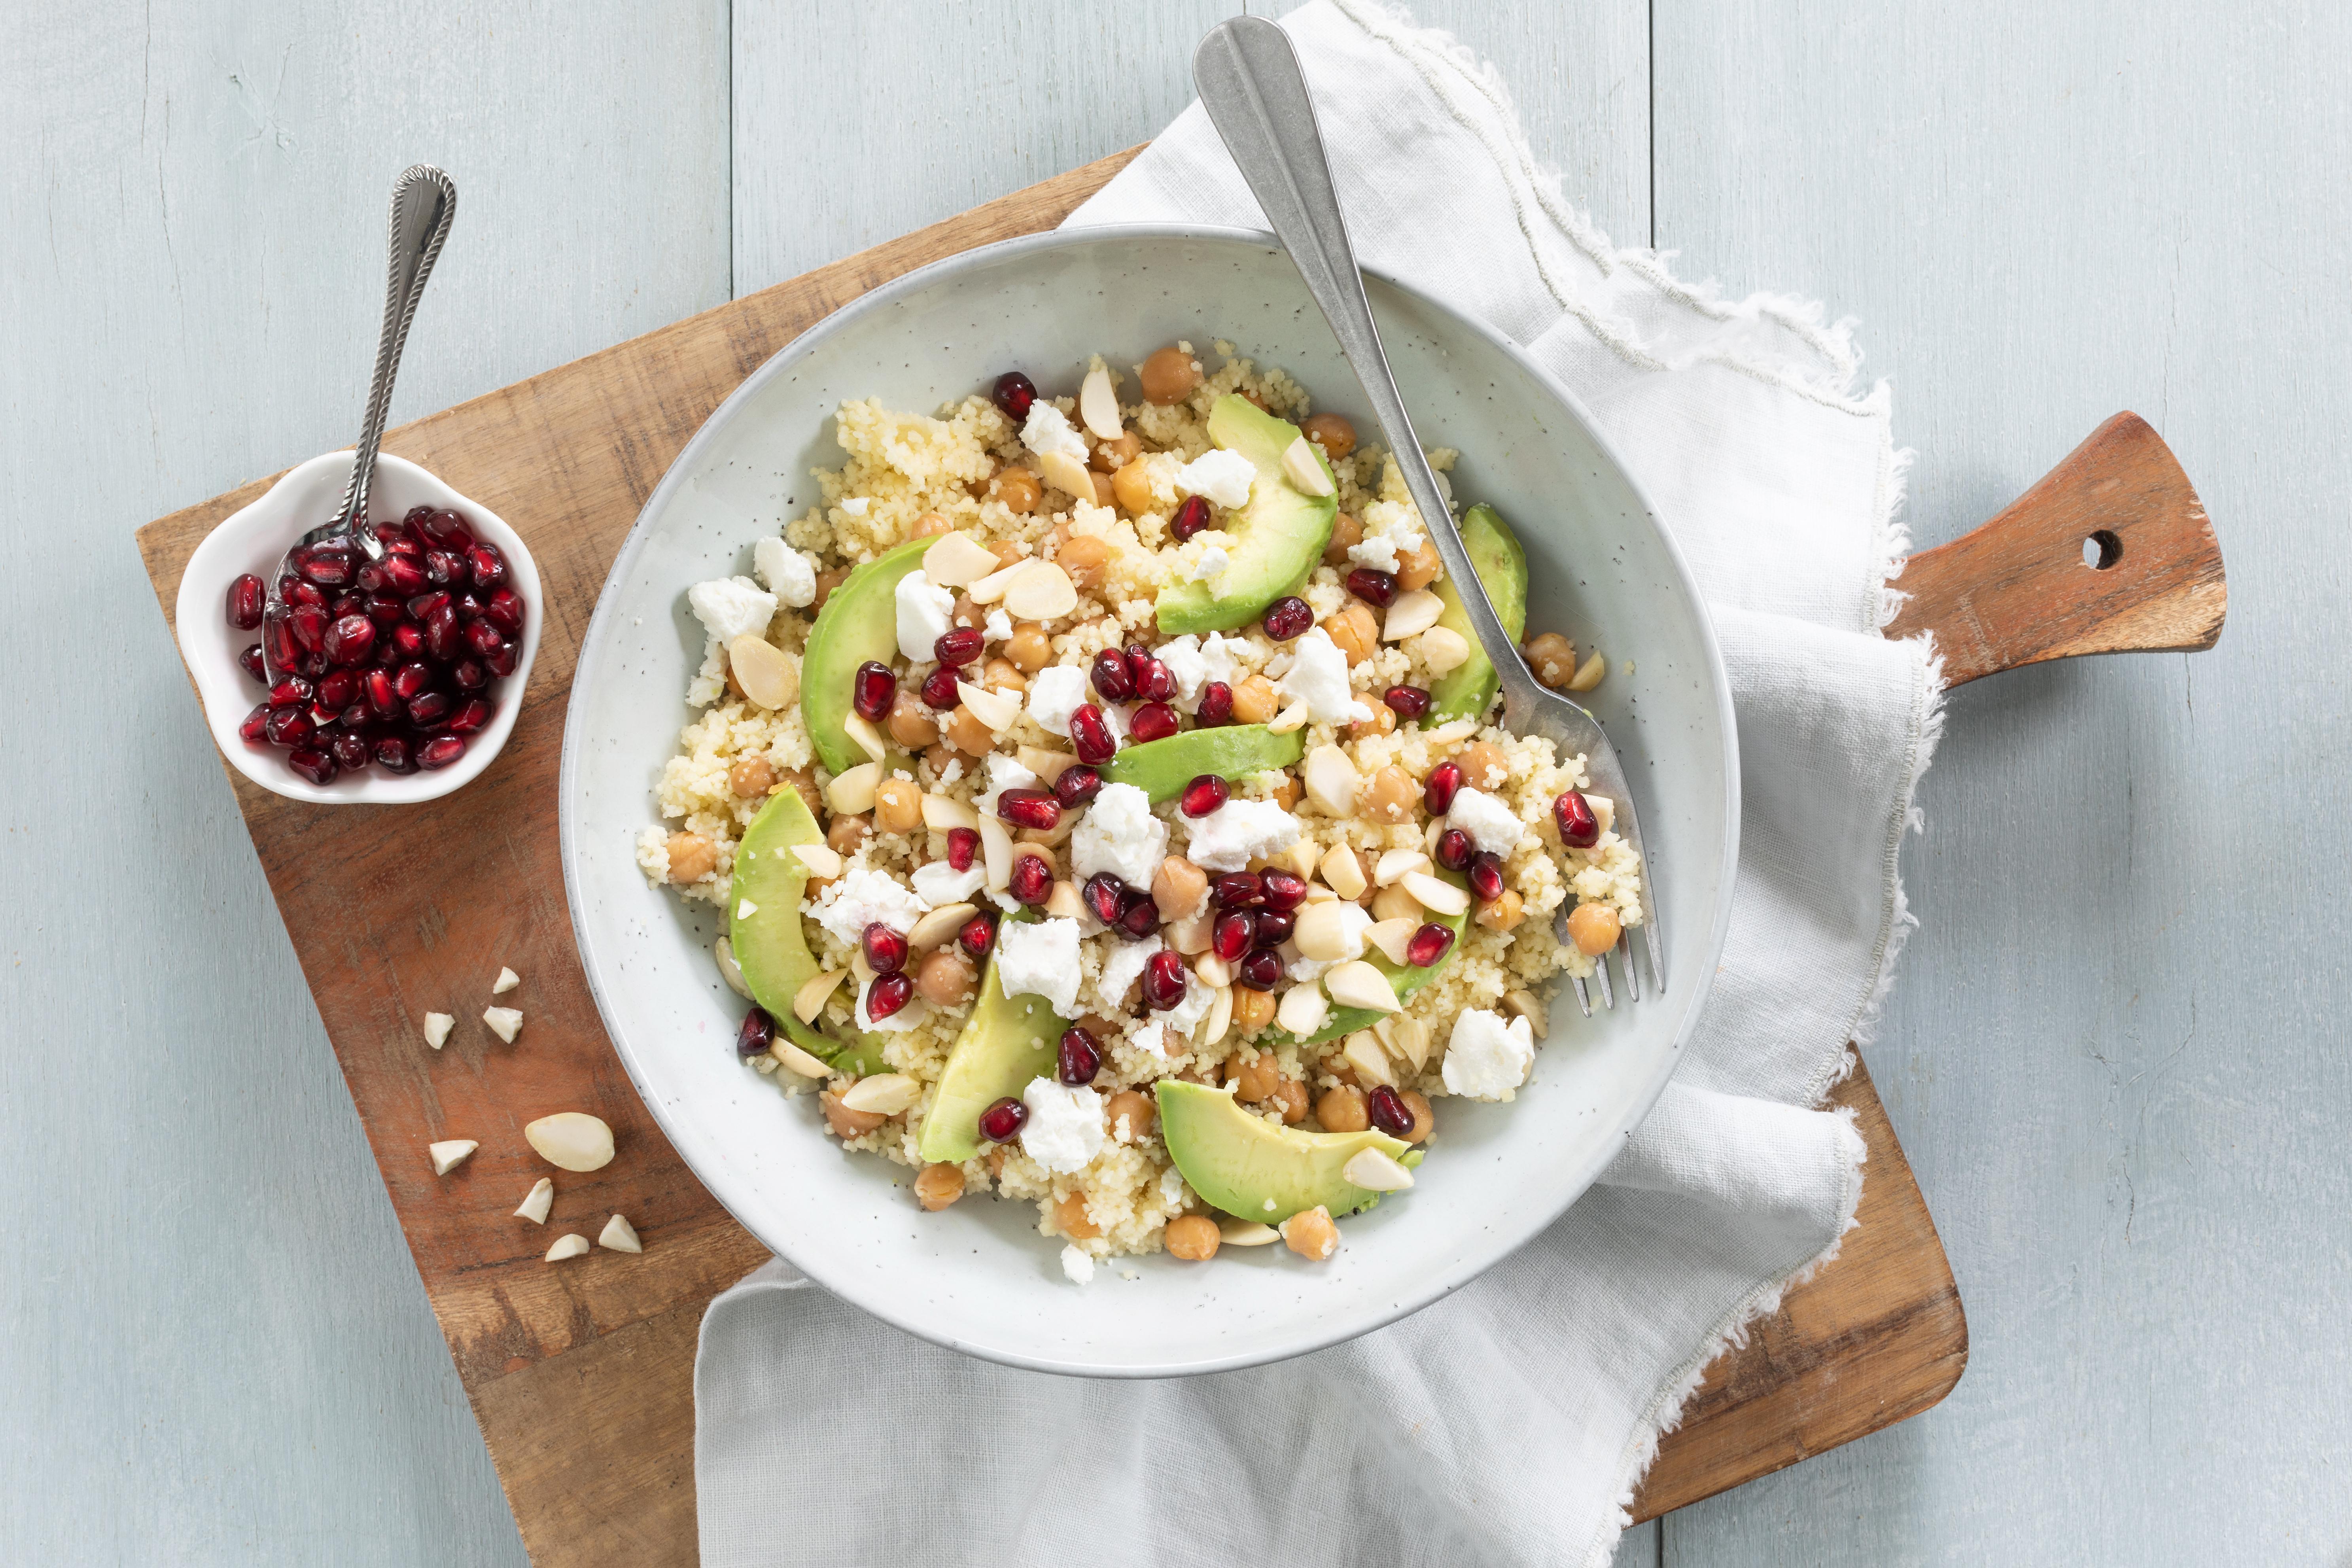 HAK Kikkererwten Couscous salade met kikkererwten 1 zonder product